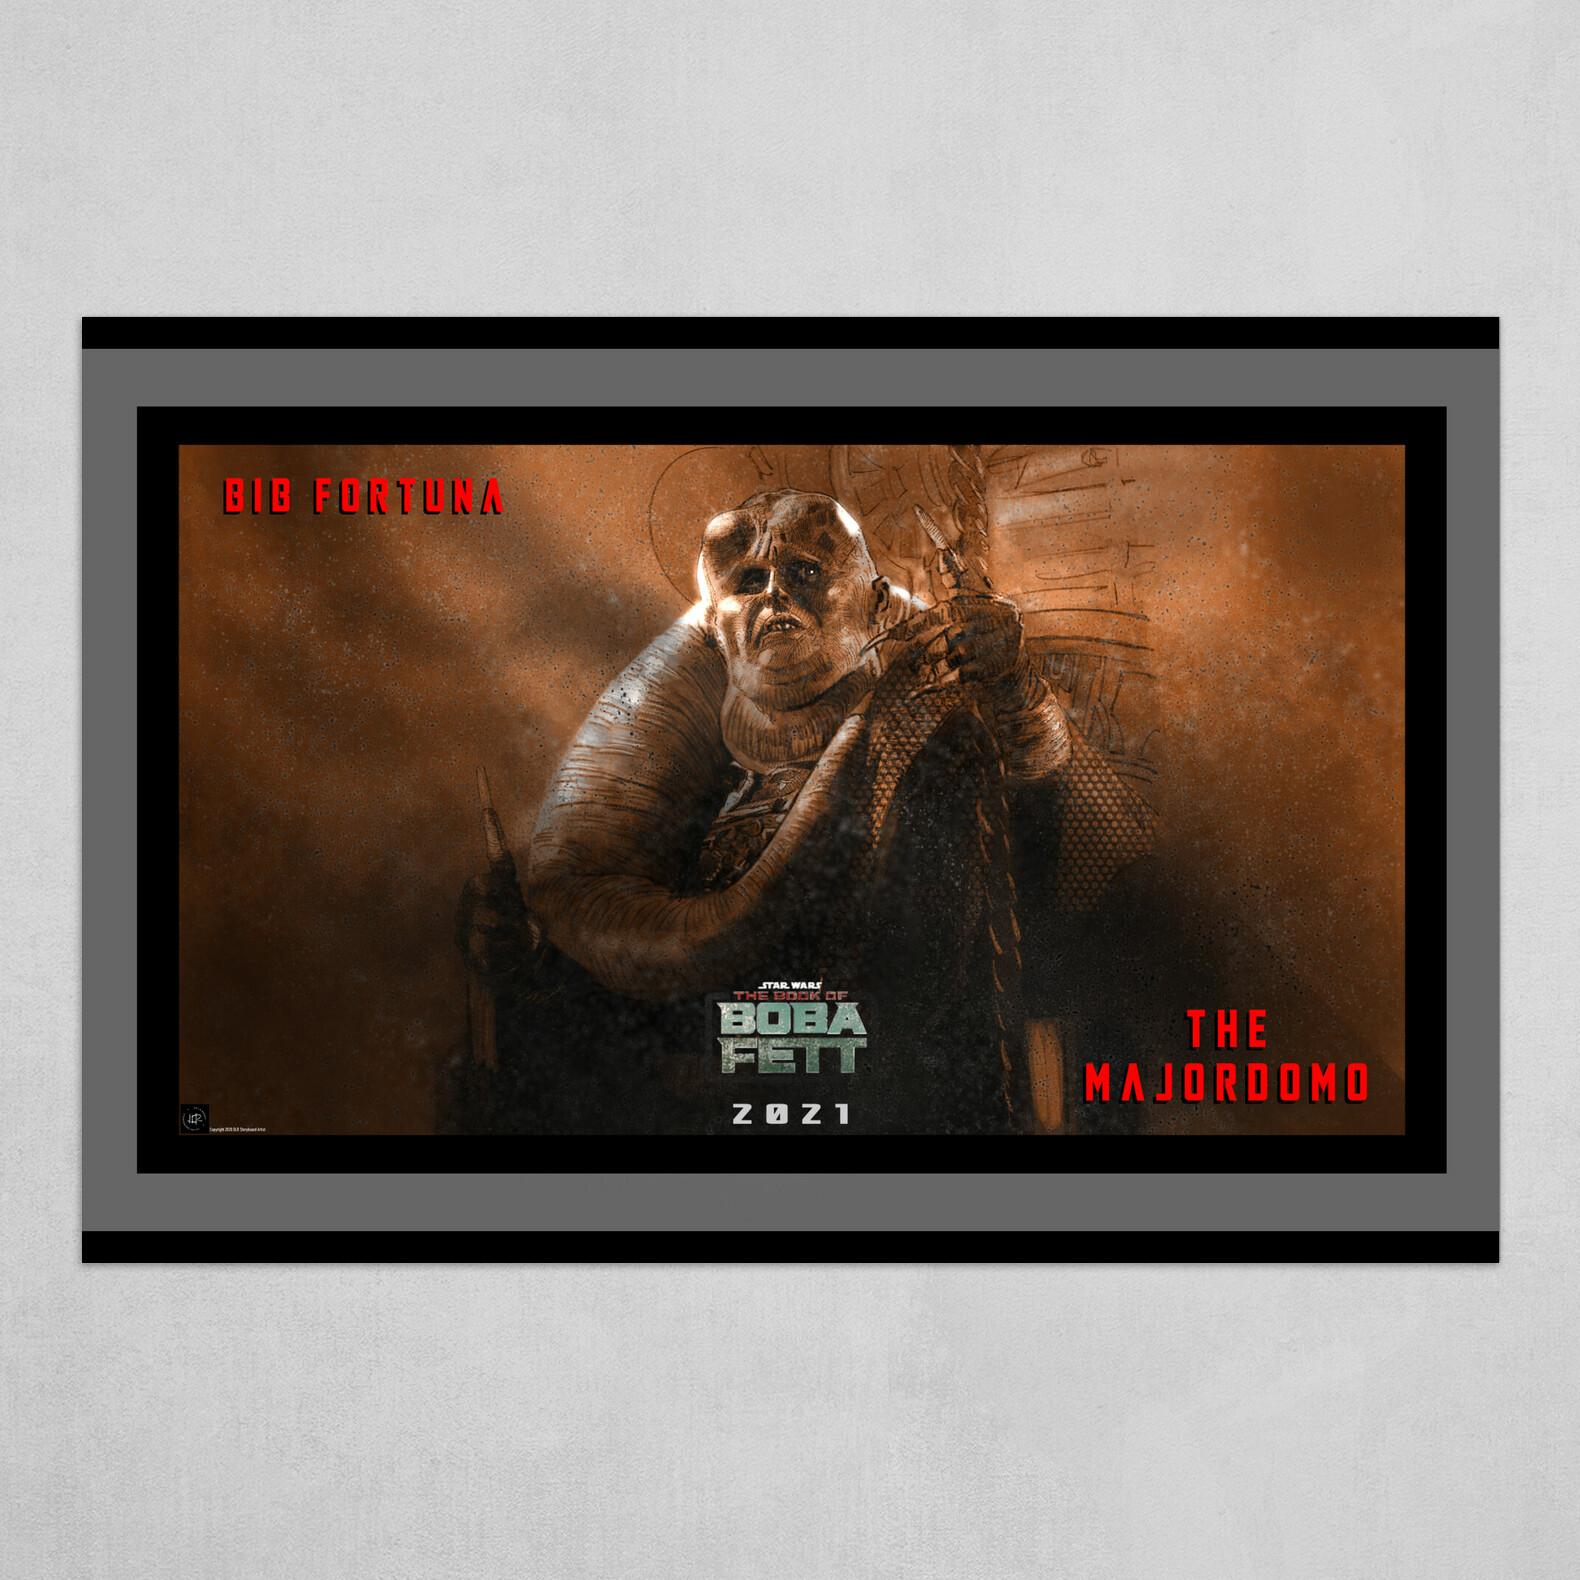 The Majordomo Bib Fortuna Poster